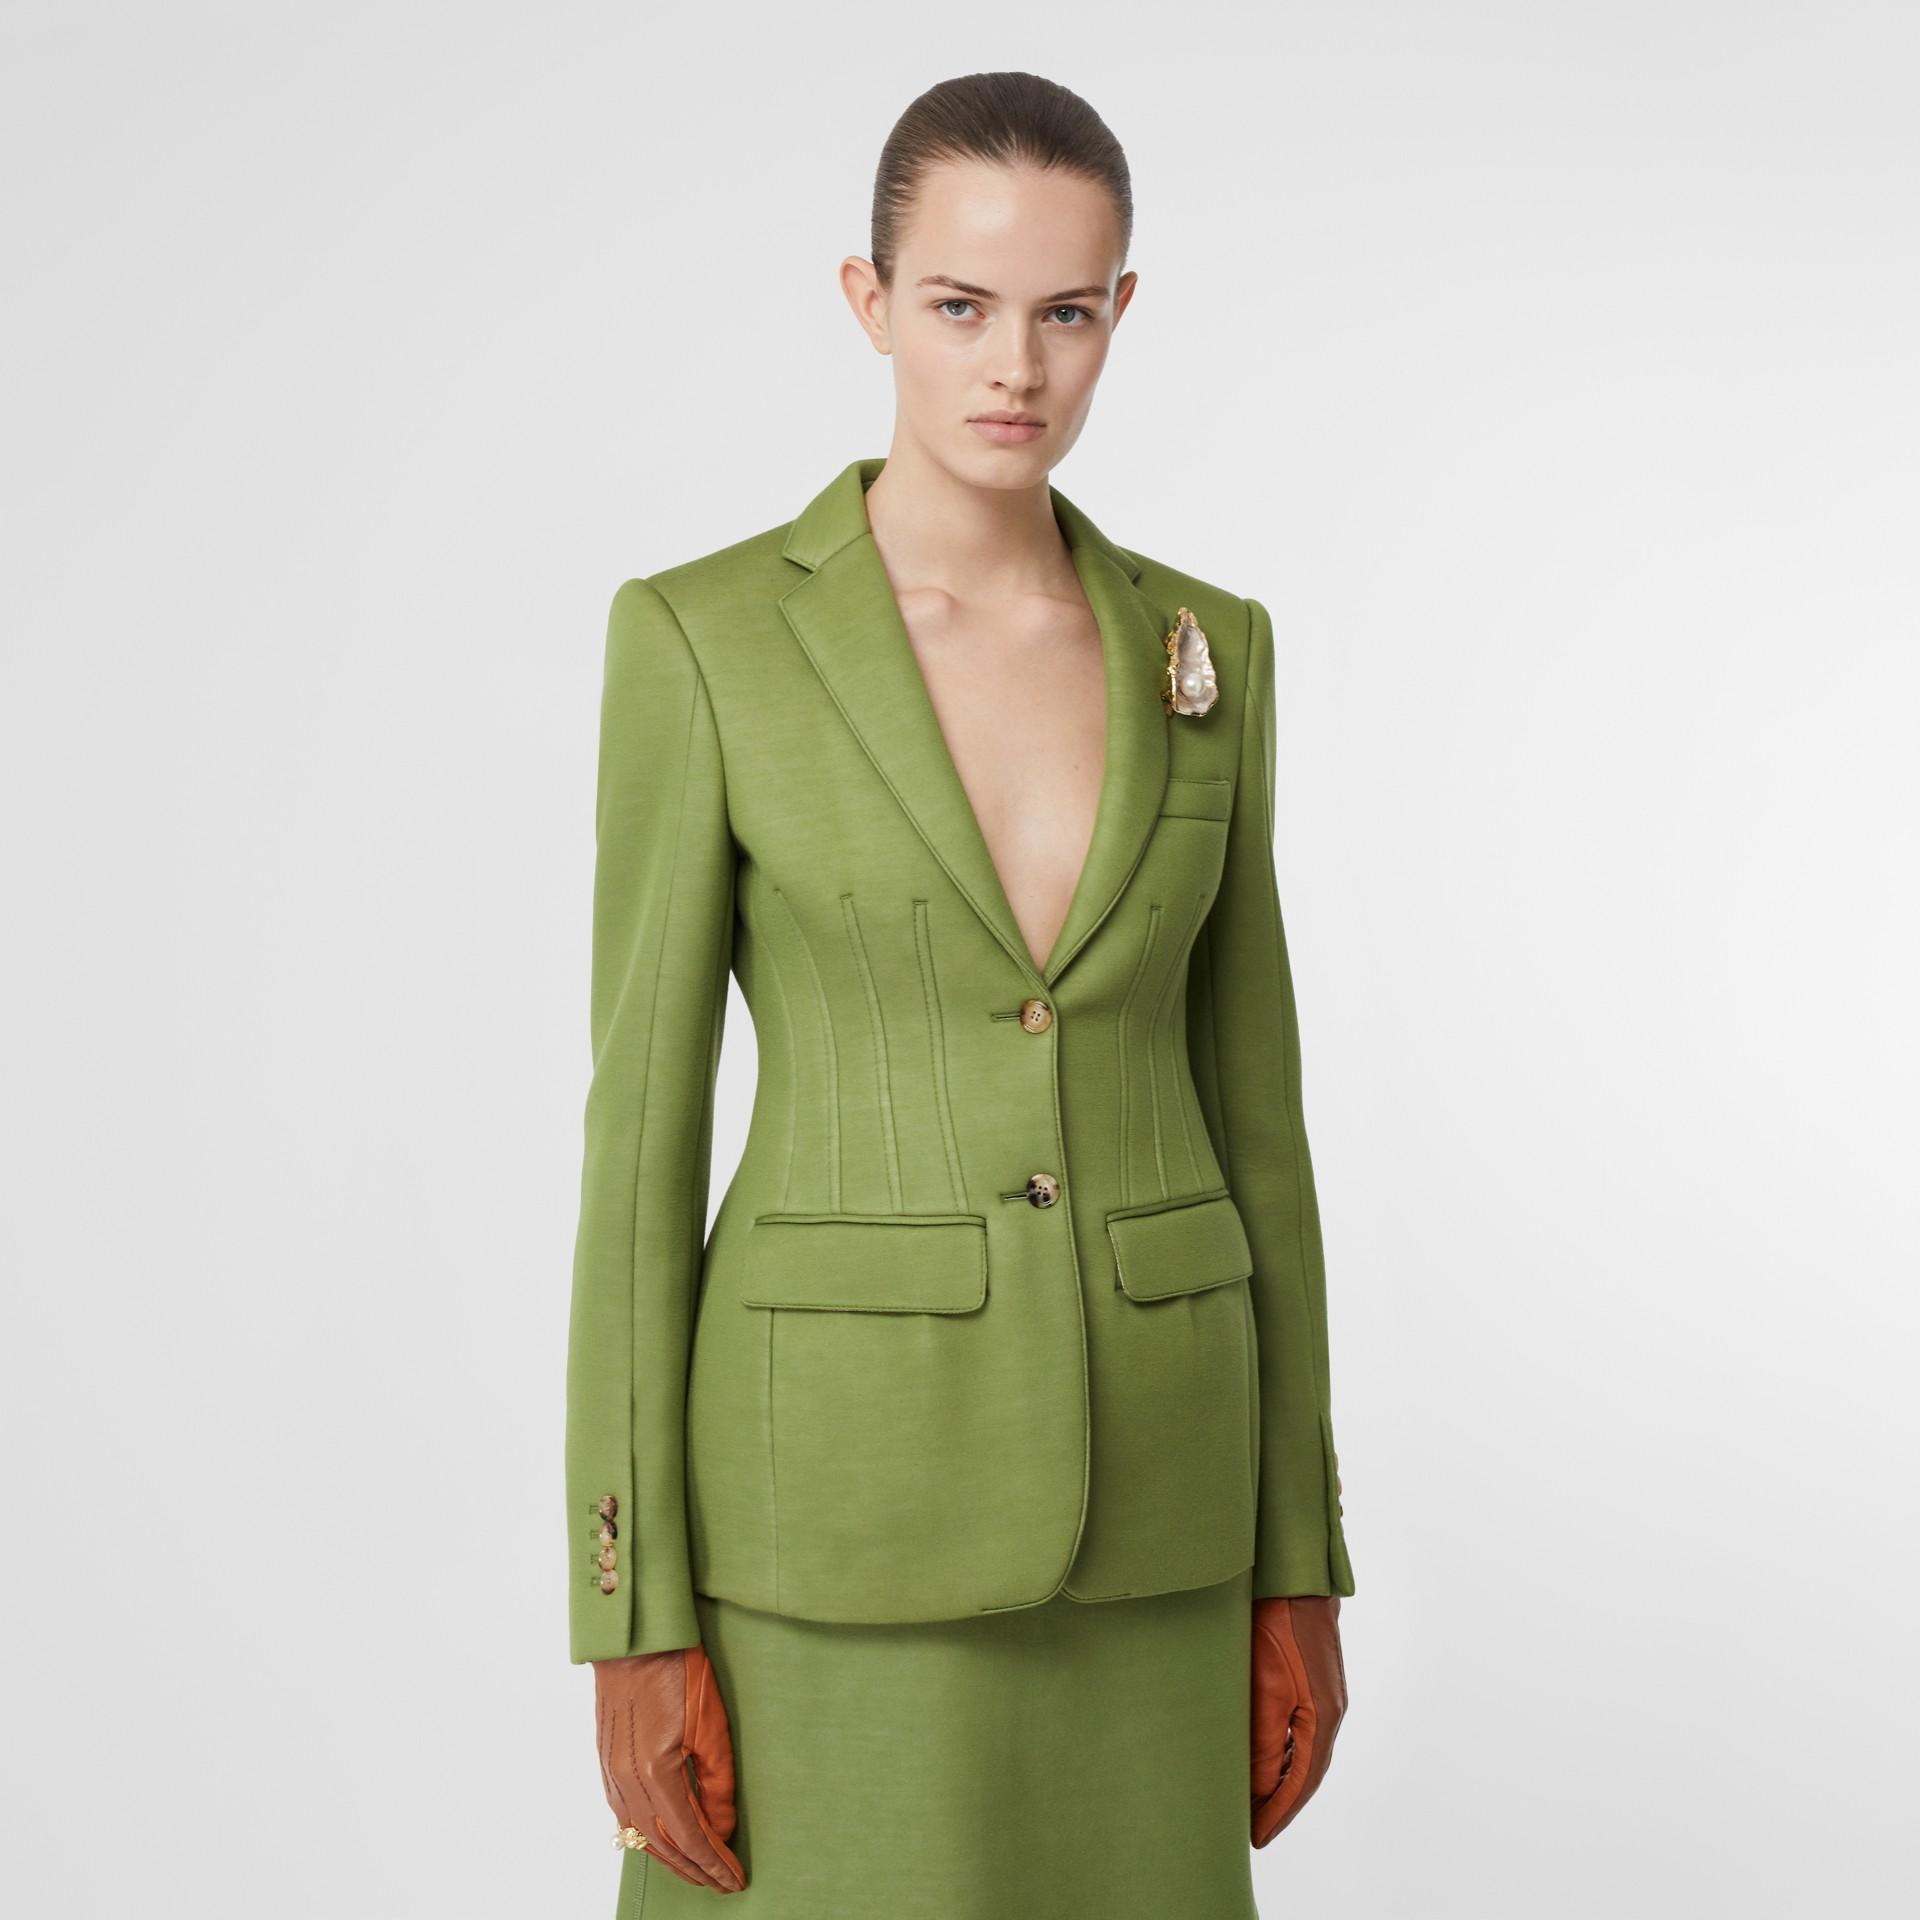 Double-faced Neoprene Tailored Jacket in Cedar Green - Women | Burberry - gallery image 4